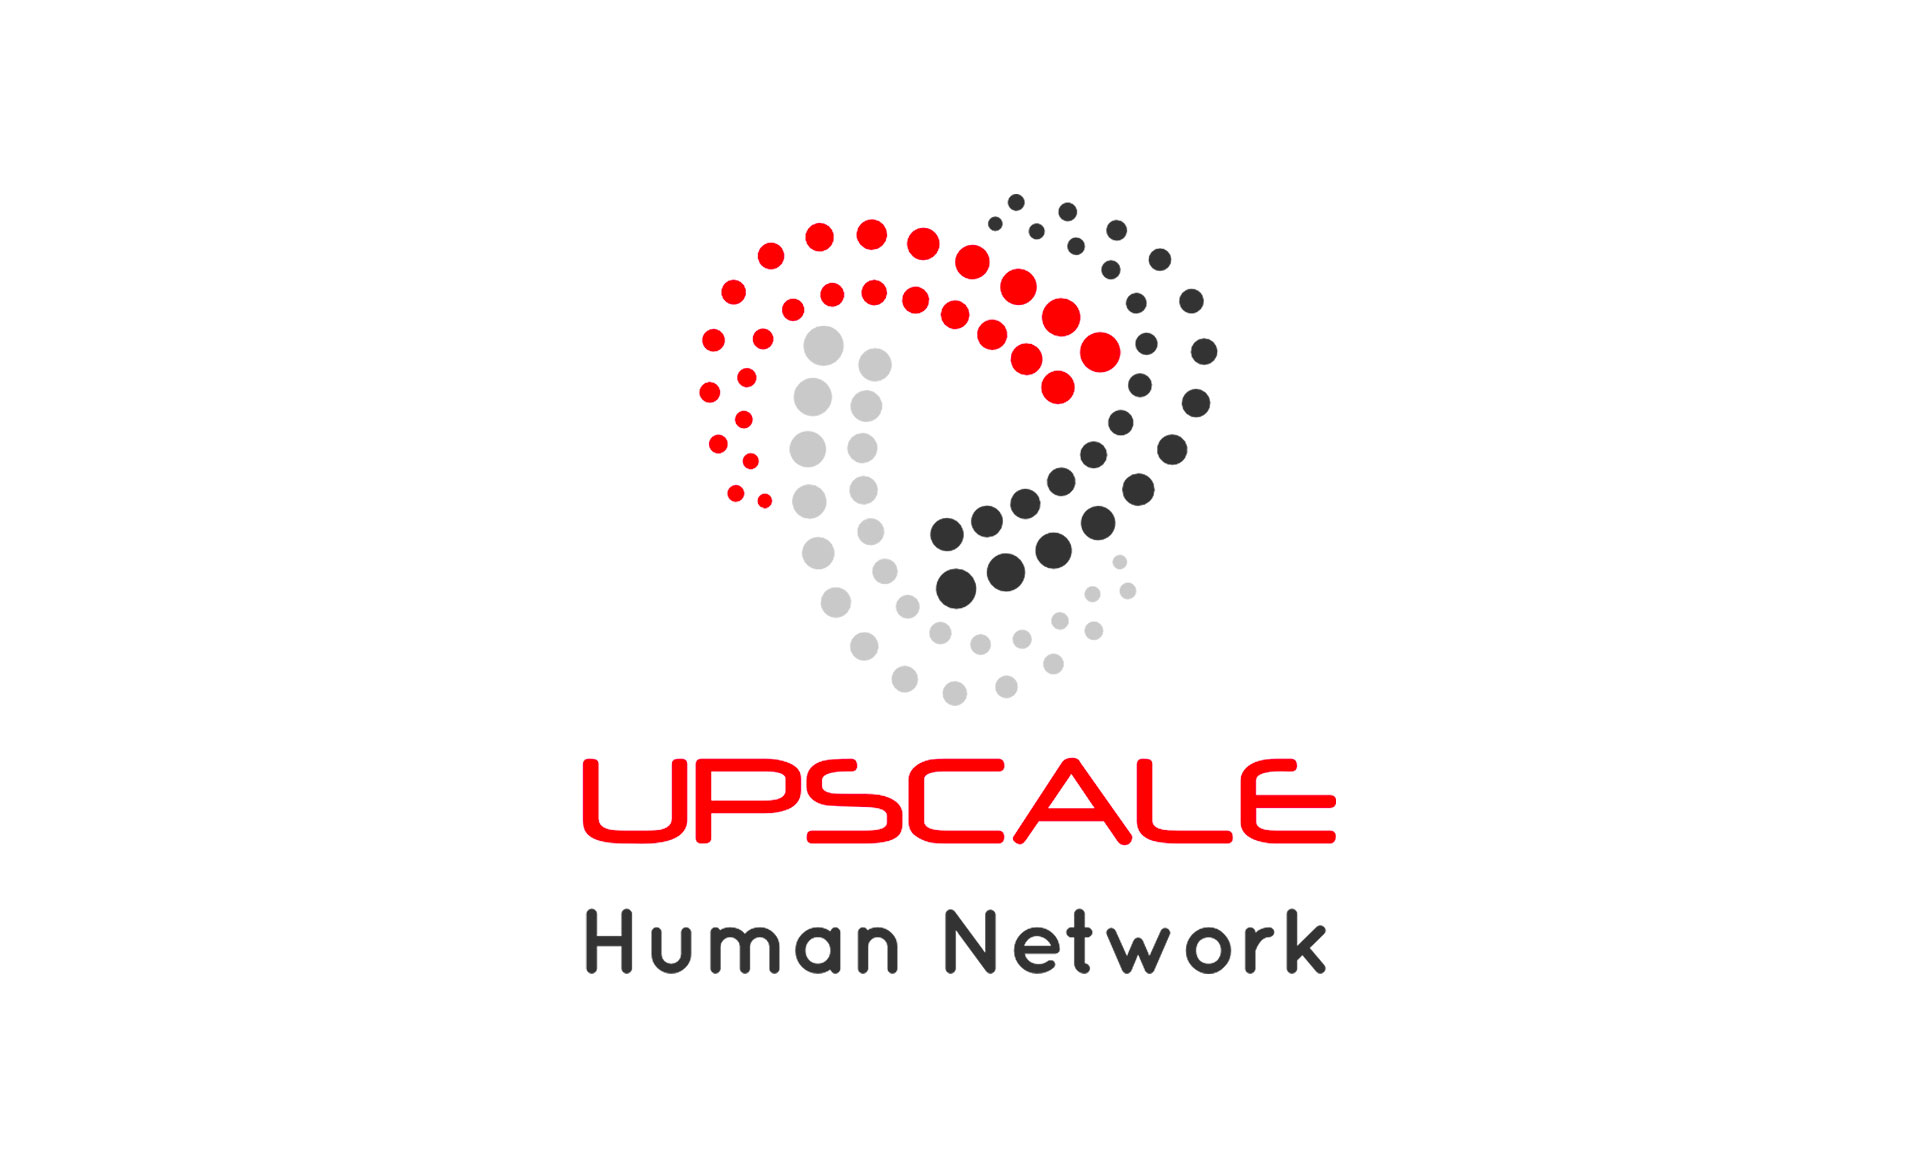 Société Upscale, Jean-Charles GIEN, création de sites Internet à Mâcon (71) et Lyon (69)